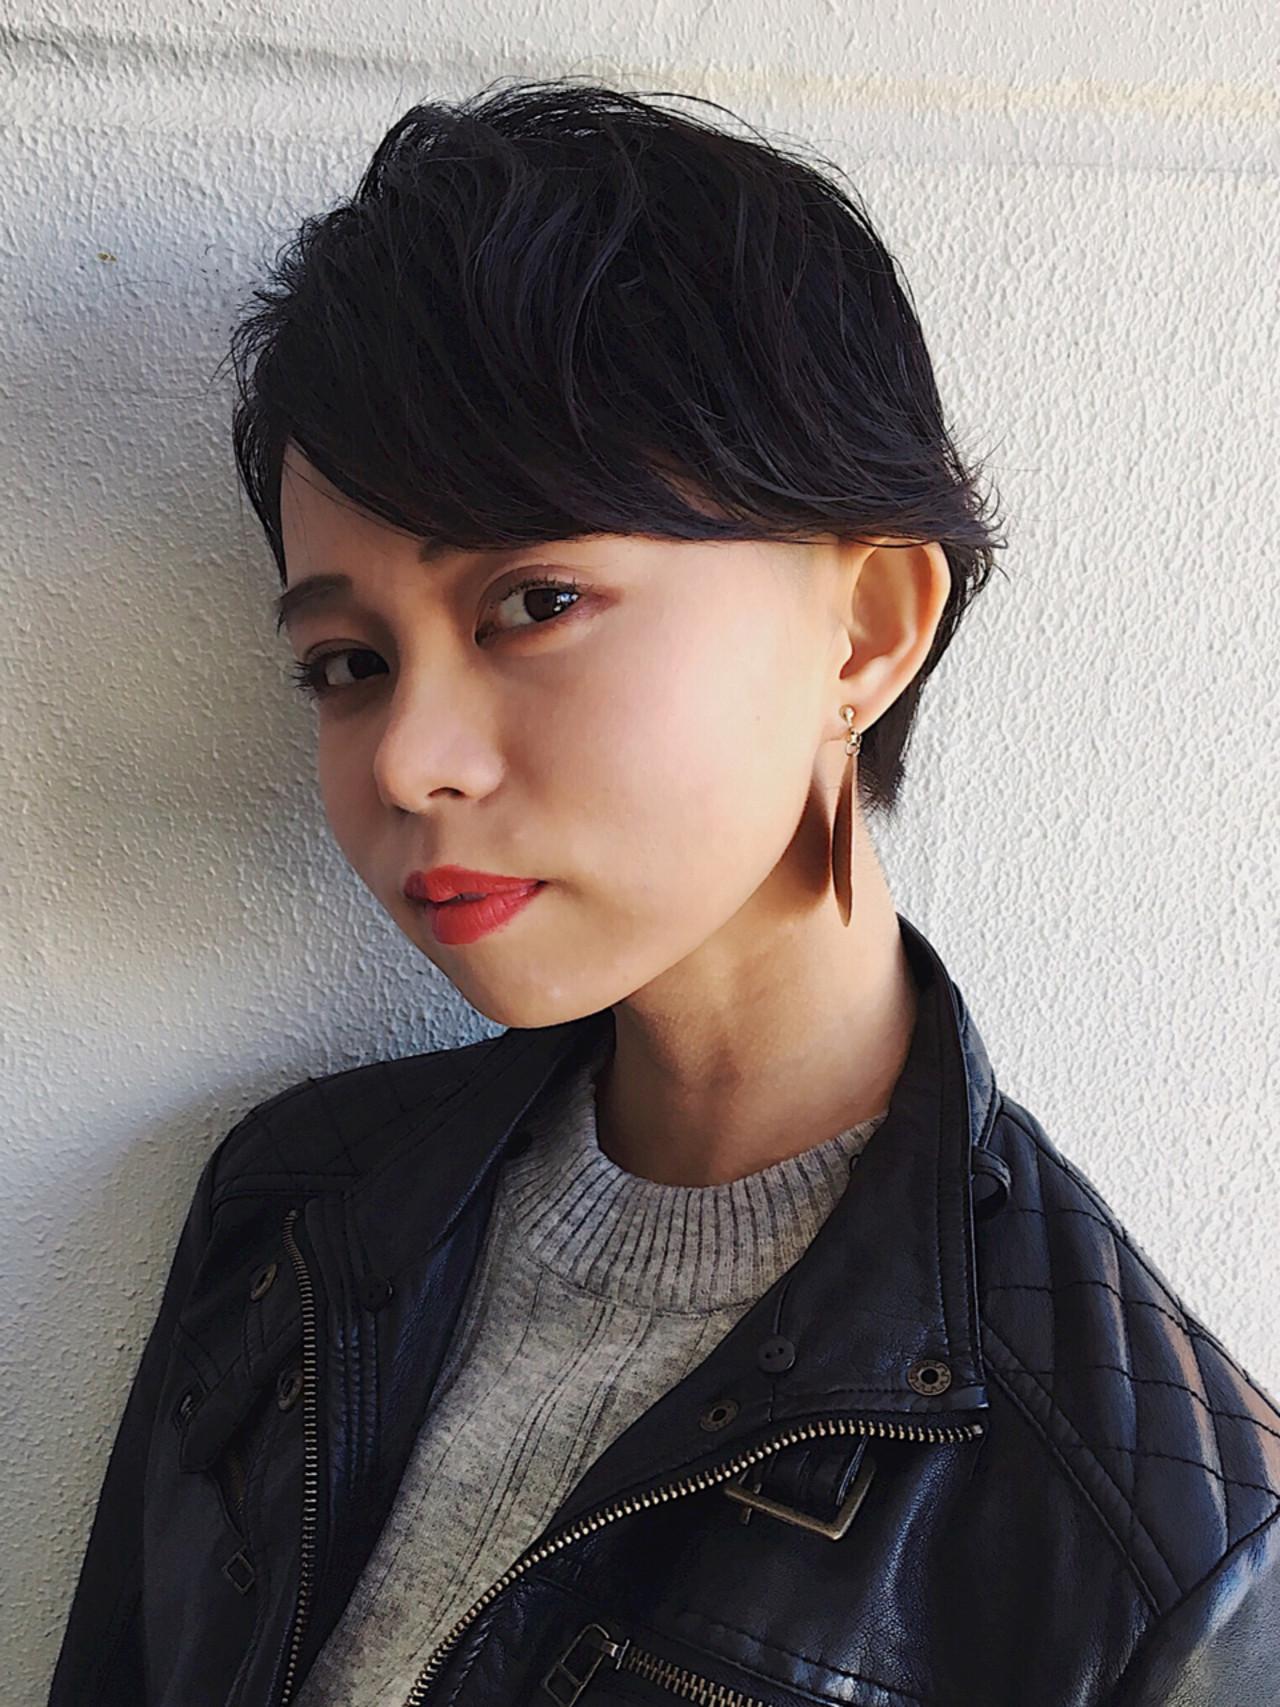 ストリート ベリーショート 黒髪 抜け感 ヘアスタイルや髪型の写真・画像